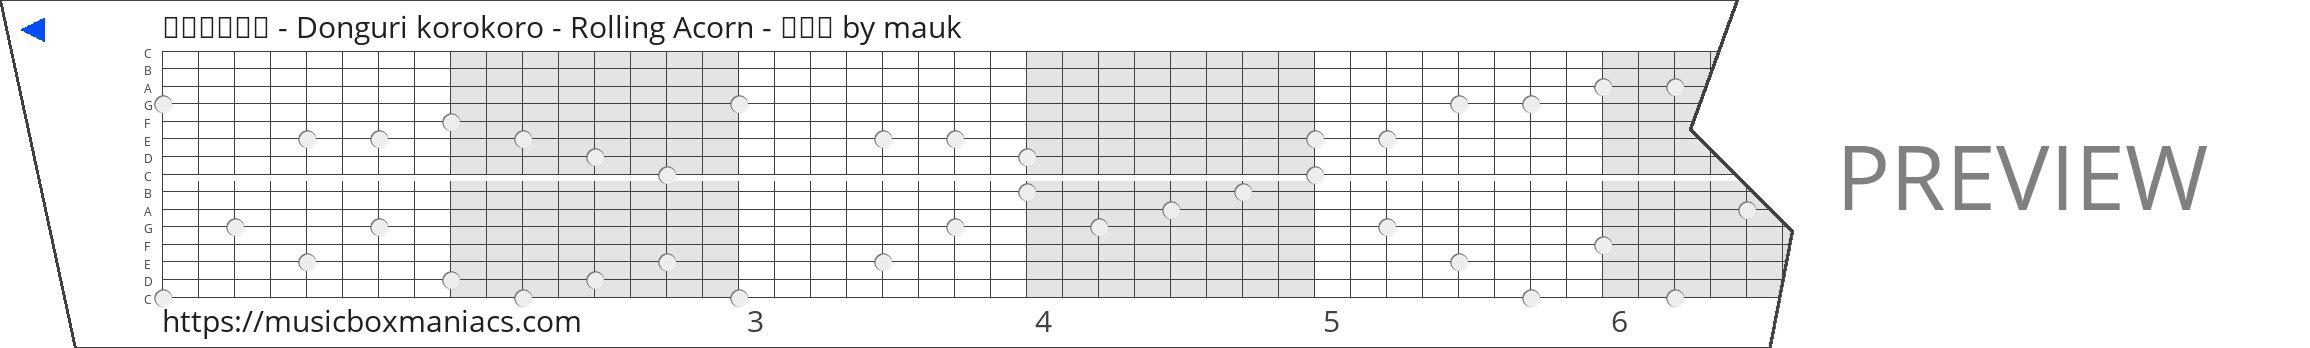 団栗ころころ - Donguri korokoro - Rolling Acorn - 梁田貞 15 note music box paper strip